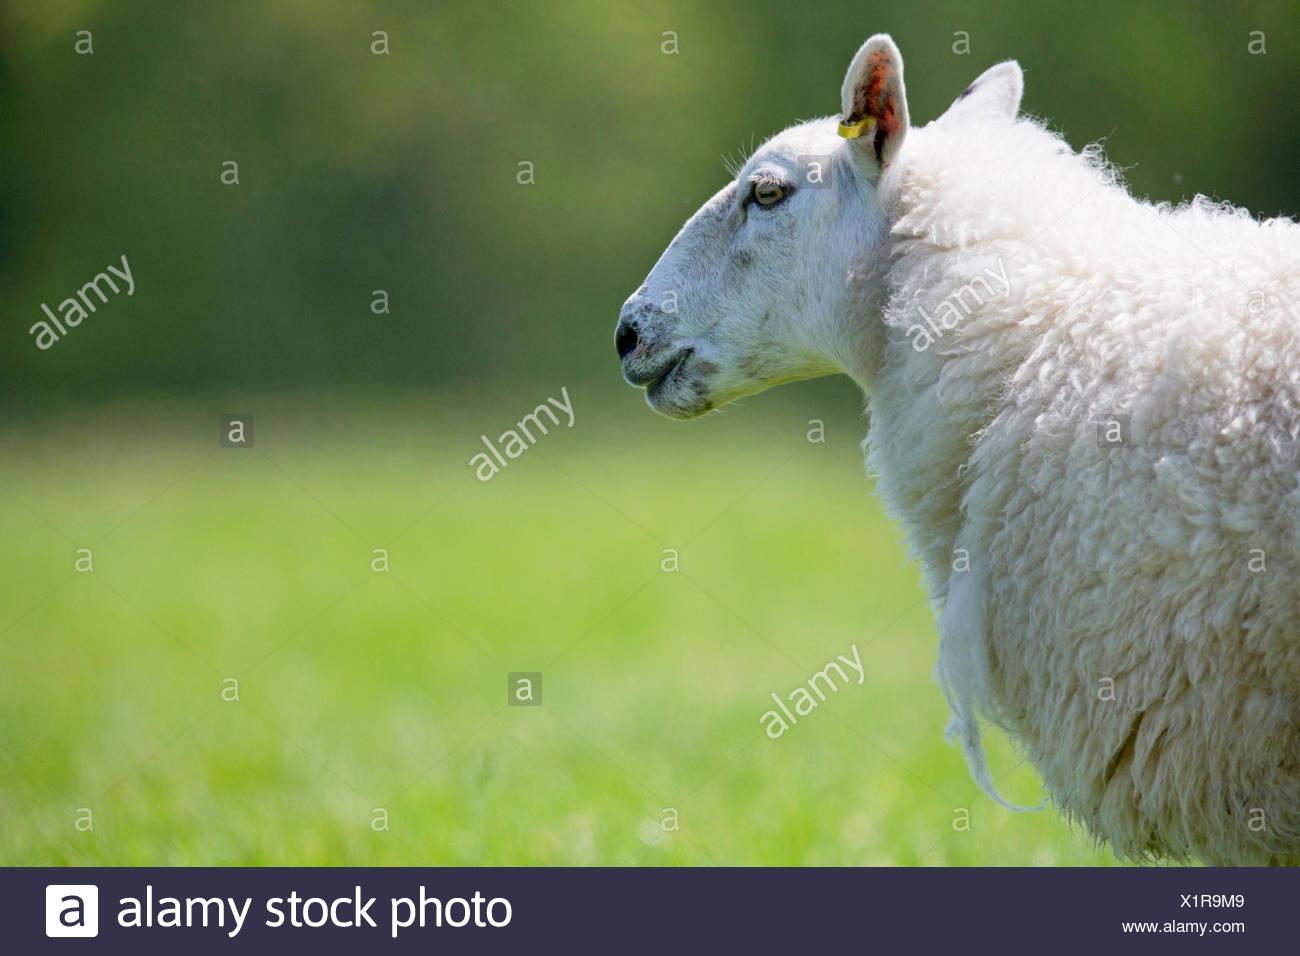 Vista laterale pecore nel soleggiato verde erba di primavera Immagini Stock